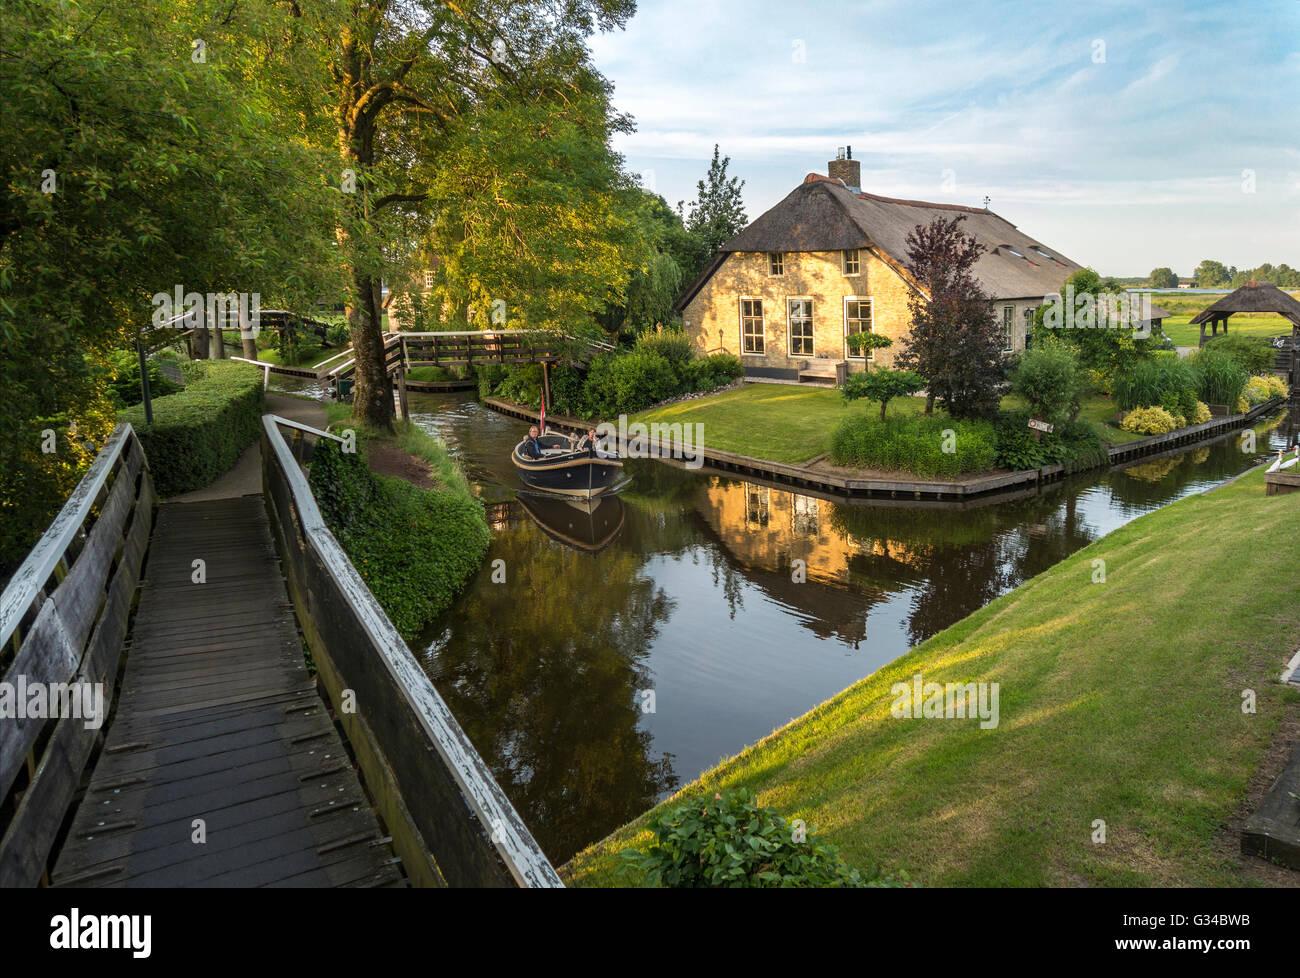 Giethoorn, Pays-Bas. Bateau dans le village avec Canal Dorpsgracht ou longère sur l'île avec pont Photo Stock